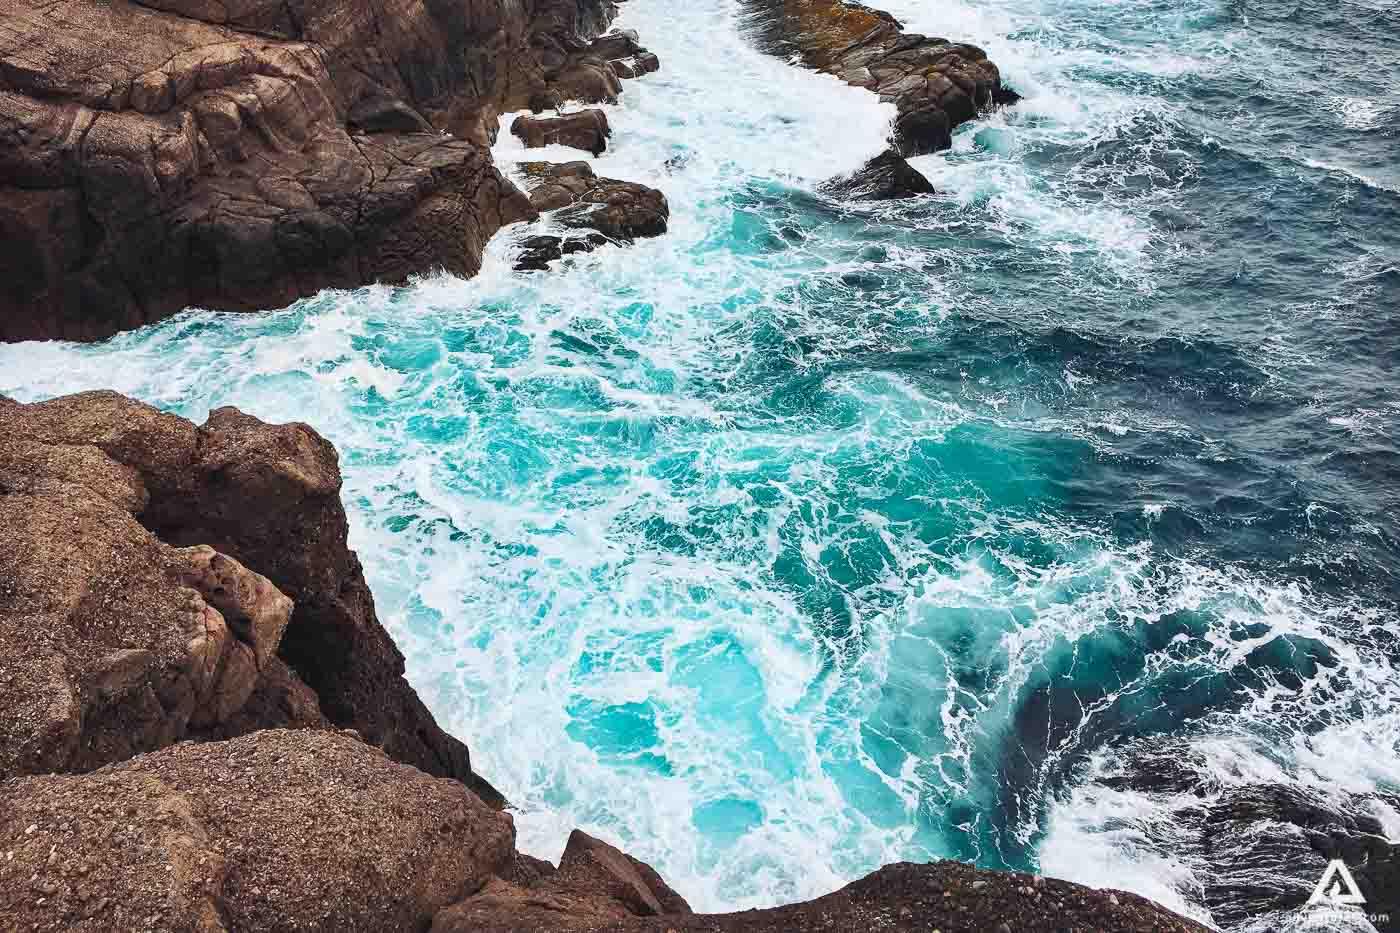 Waves crash into the coastline at Labrador Sea